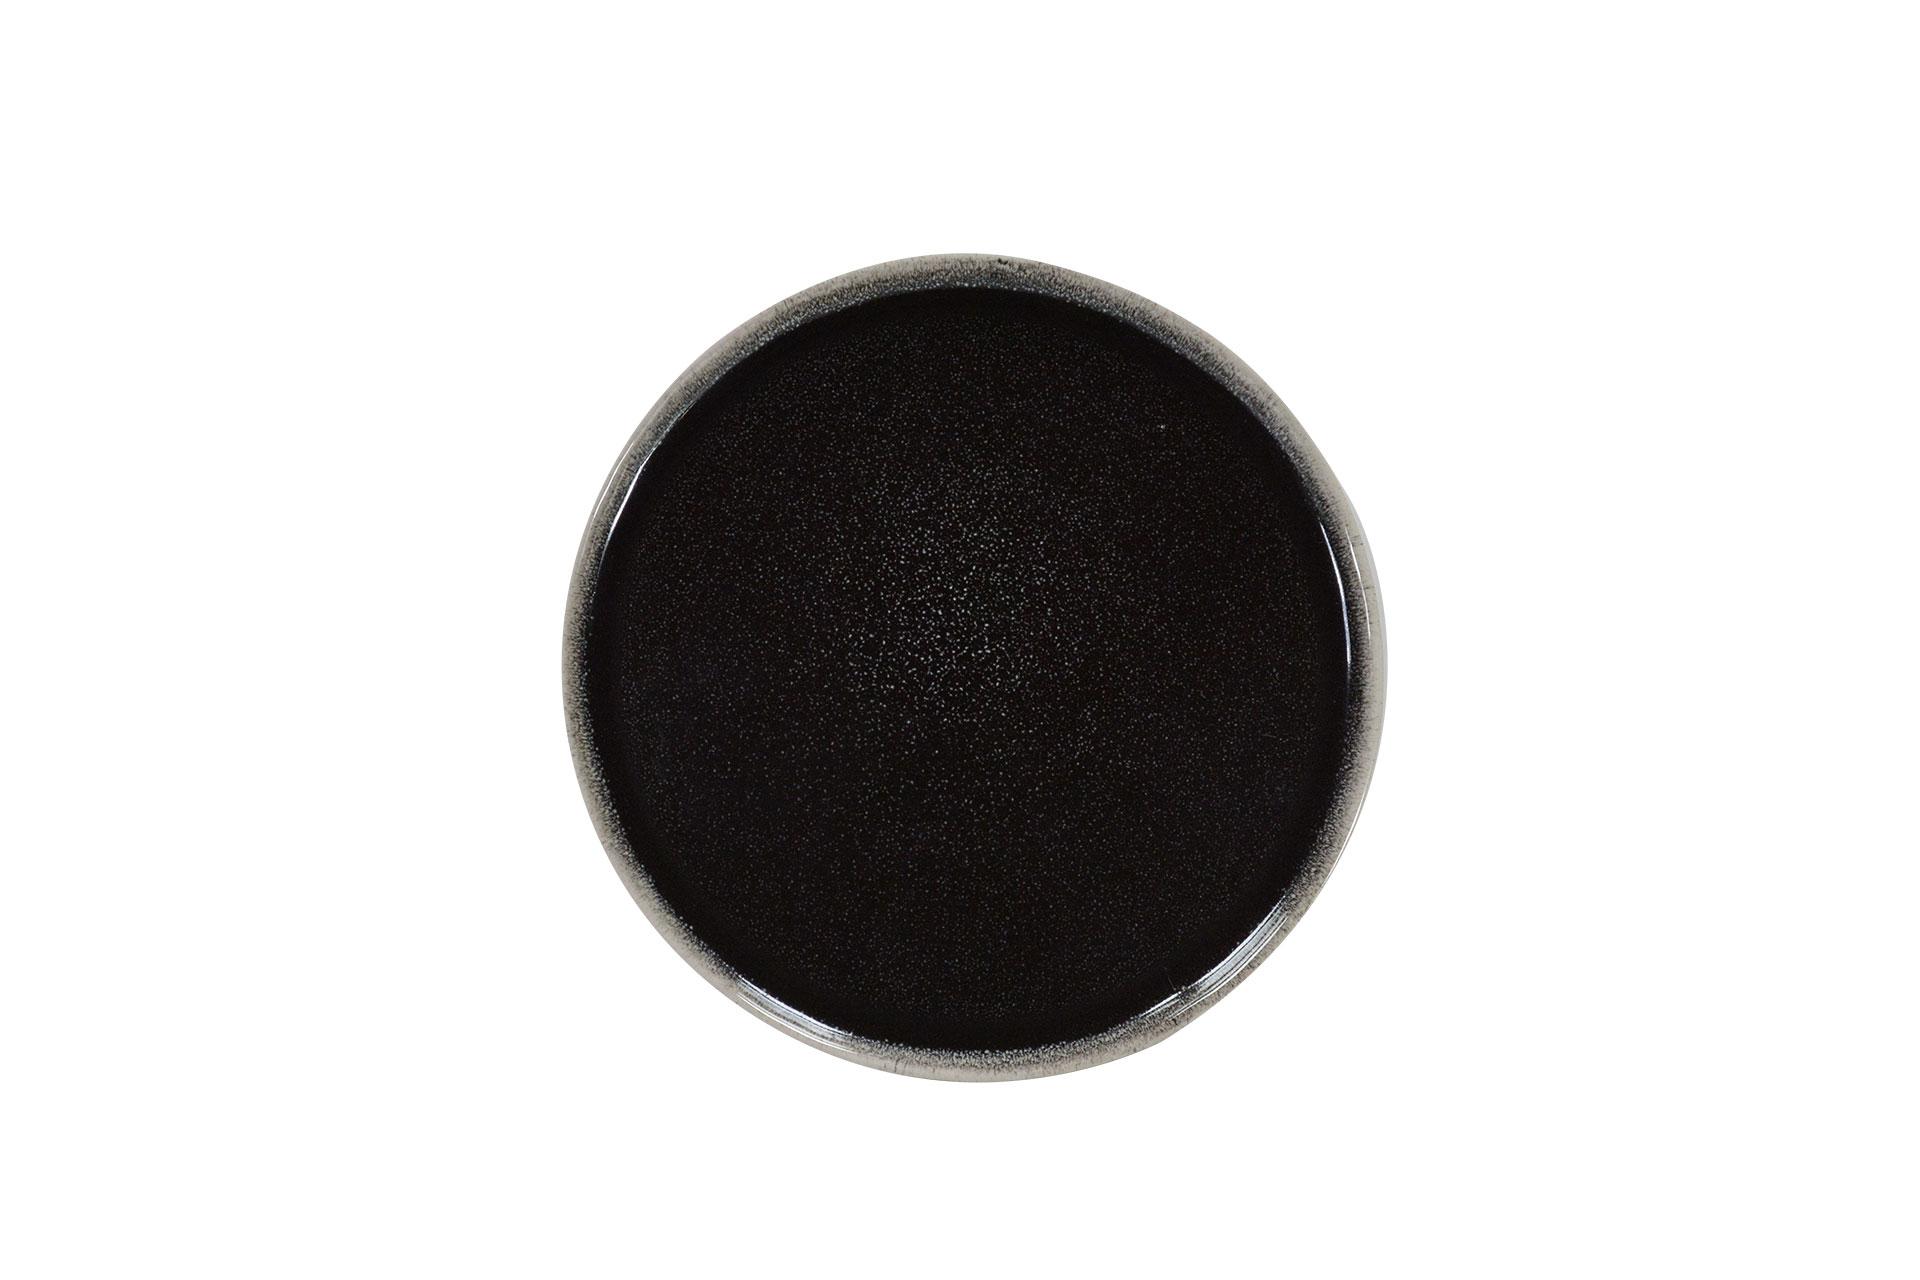 Assiette dessert en grès artisanal brun 22 cm - Lot de 6